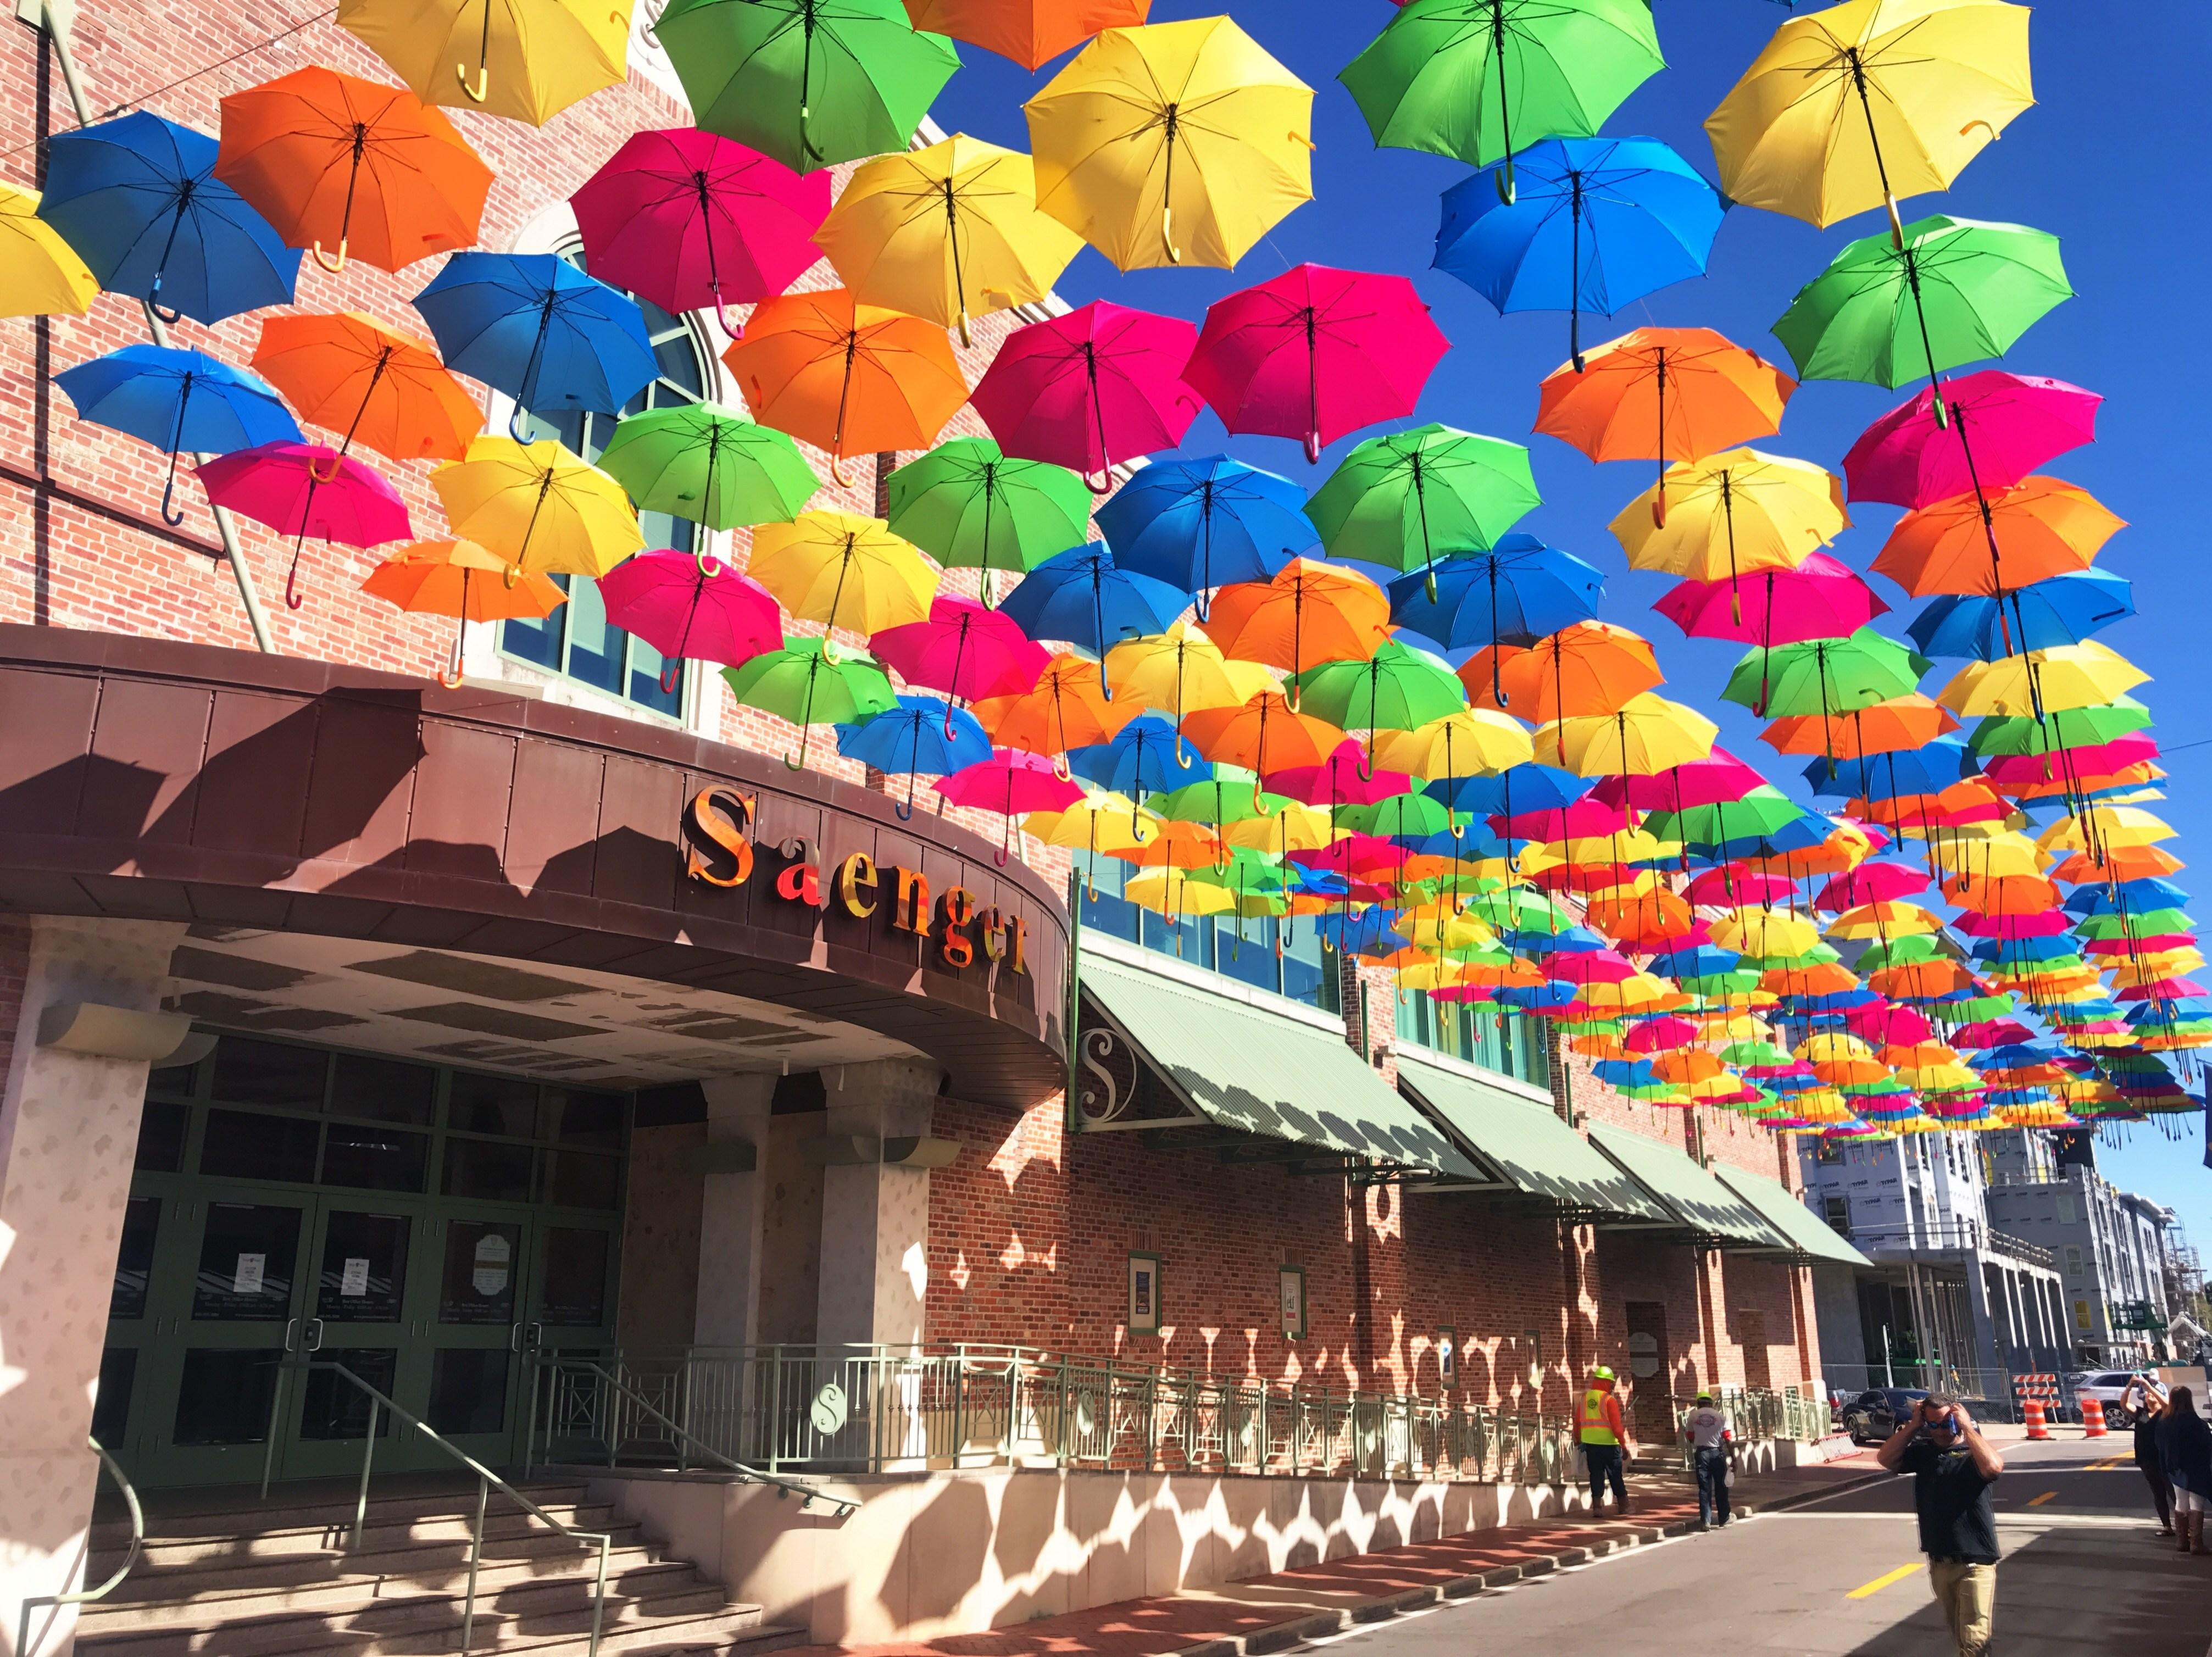 Umbrella against sky photo